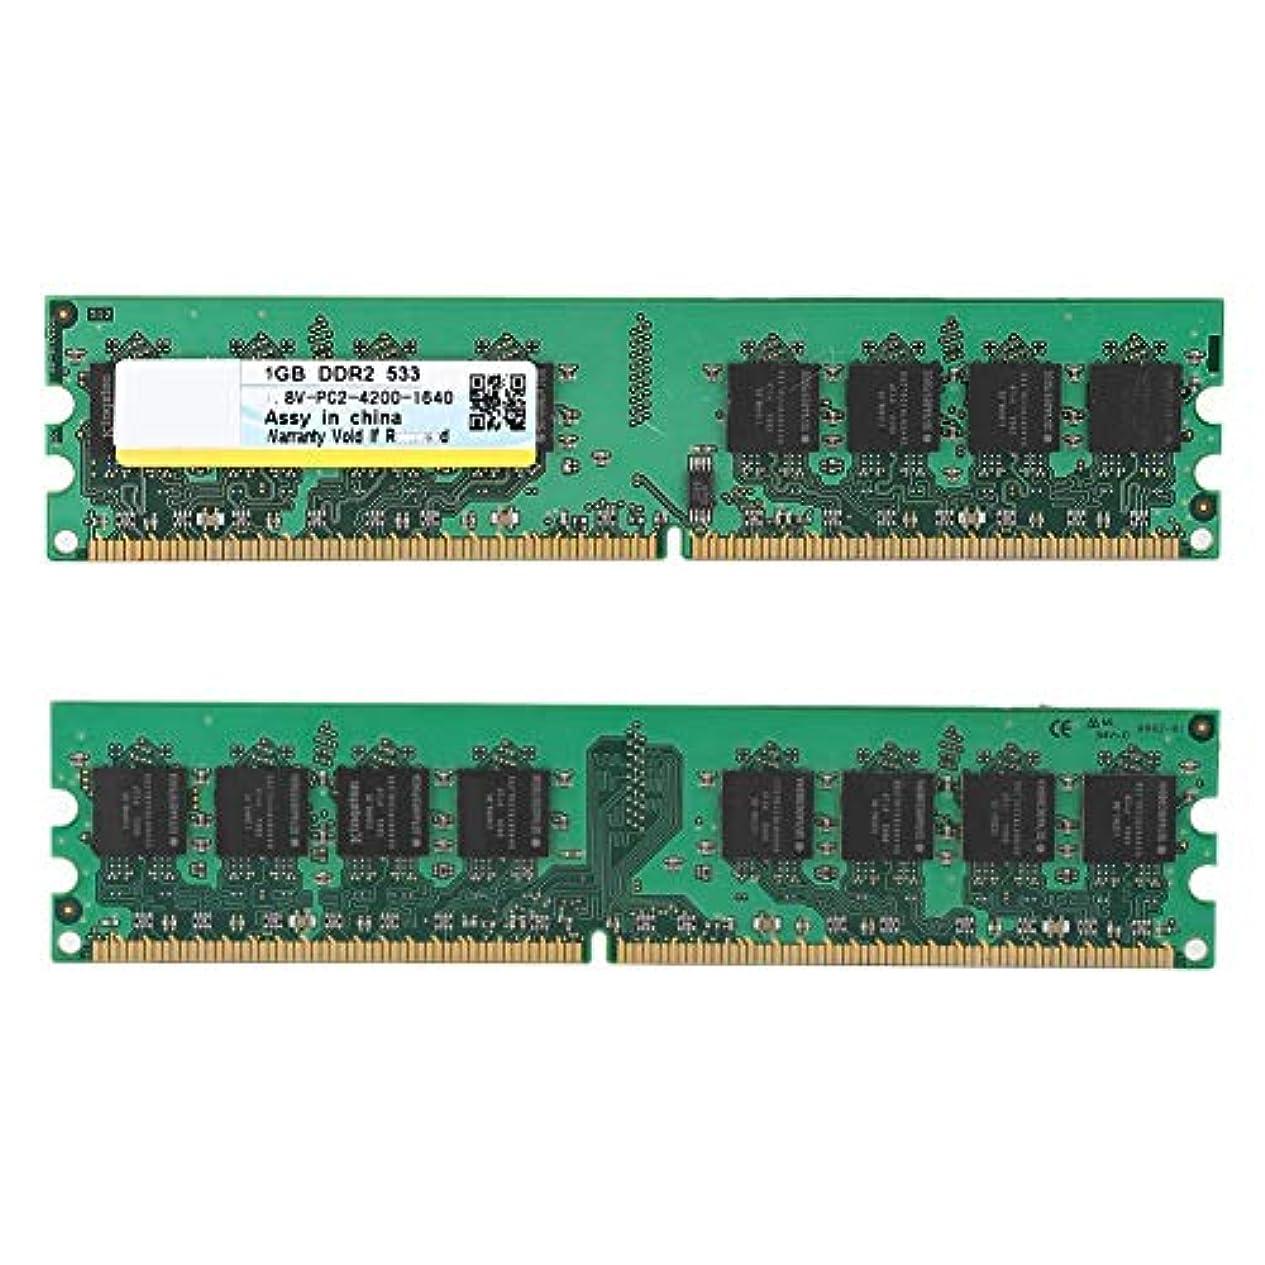 画面たぶんブレイズRAM、高速、安定した 安定したメモリスティック、コンピュータデスクトップ用ラップトップ用AMDマザーボード